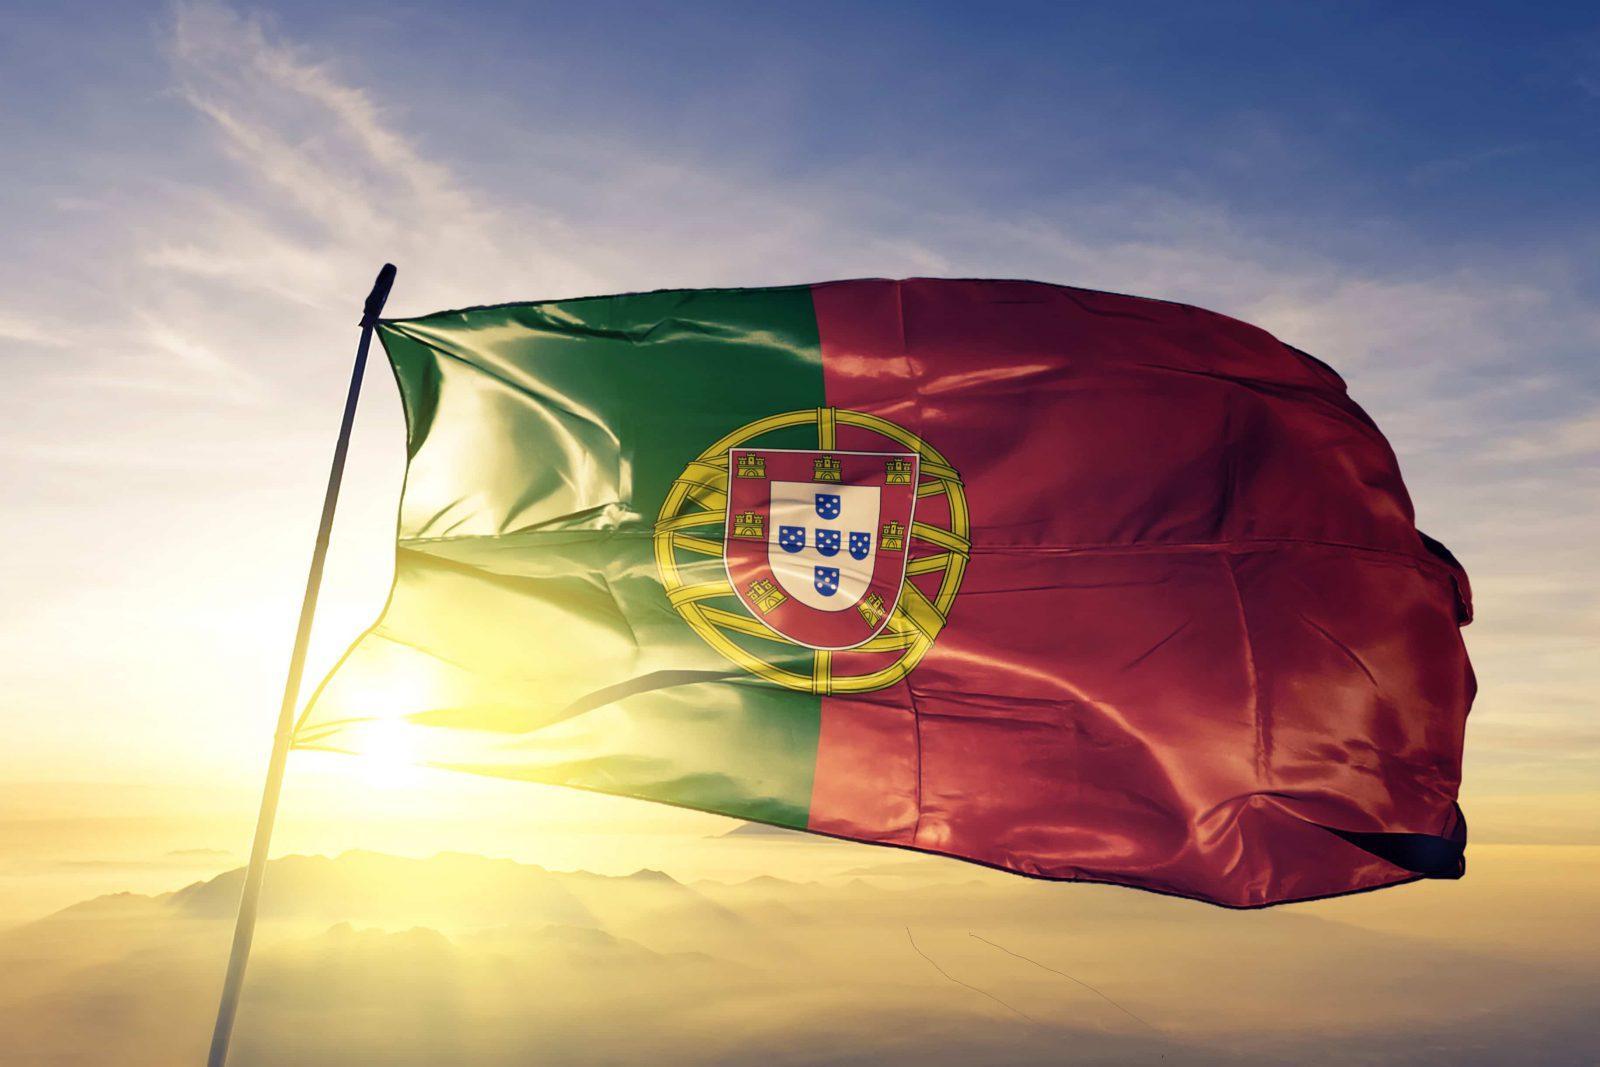 פורטוגל – מידע על פורטוגל